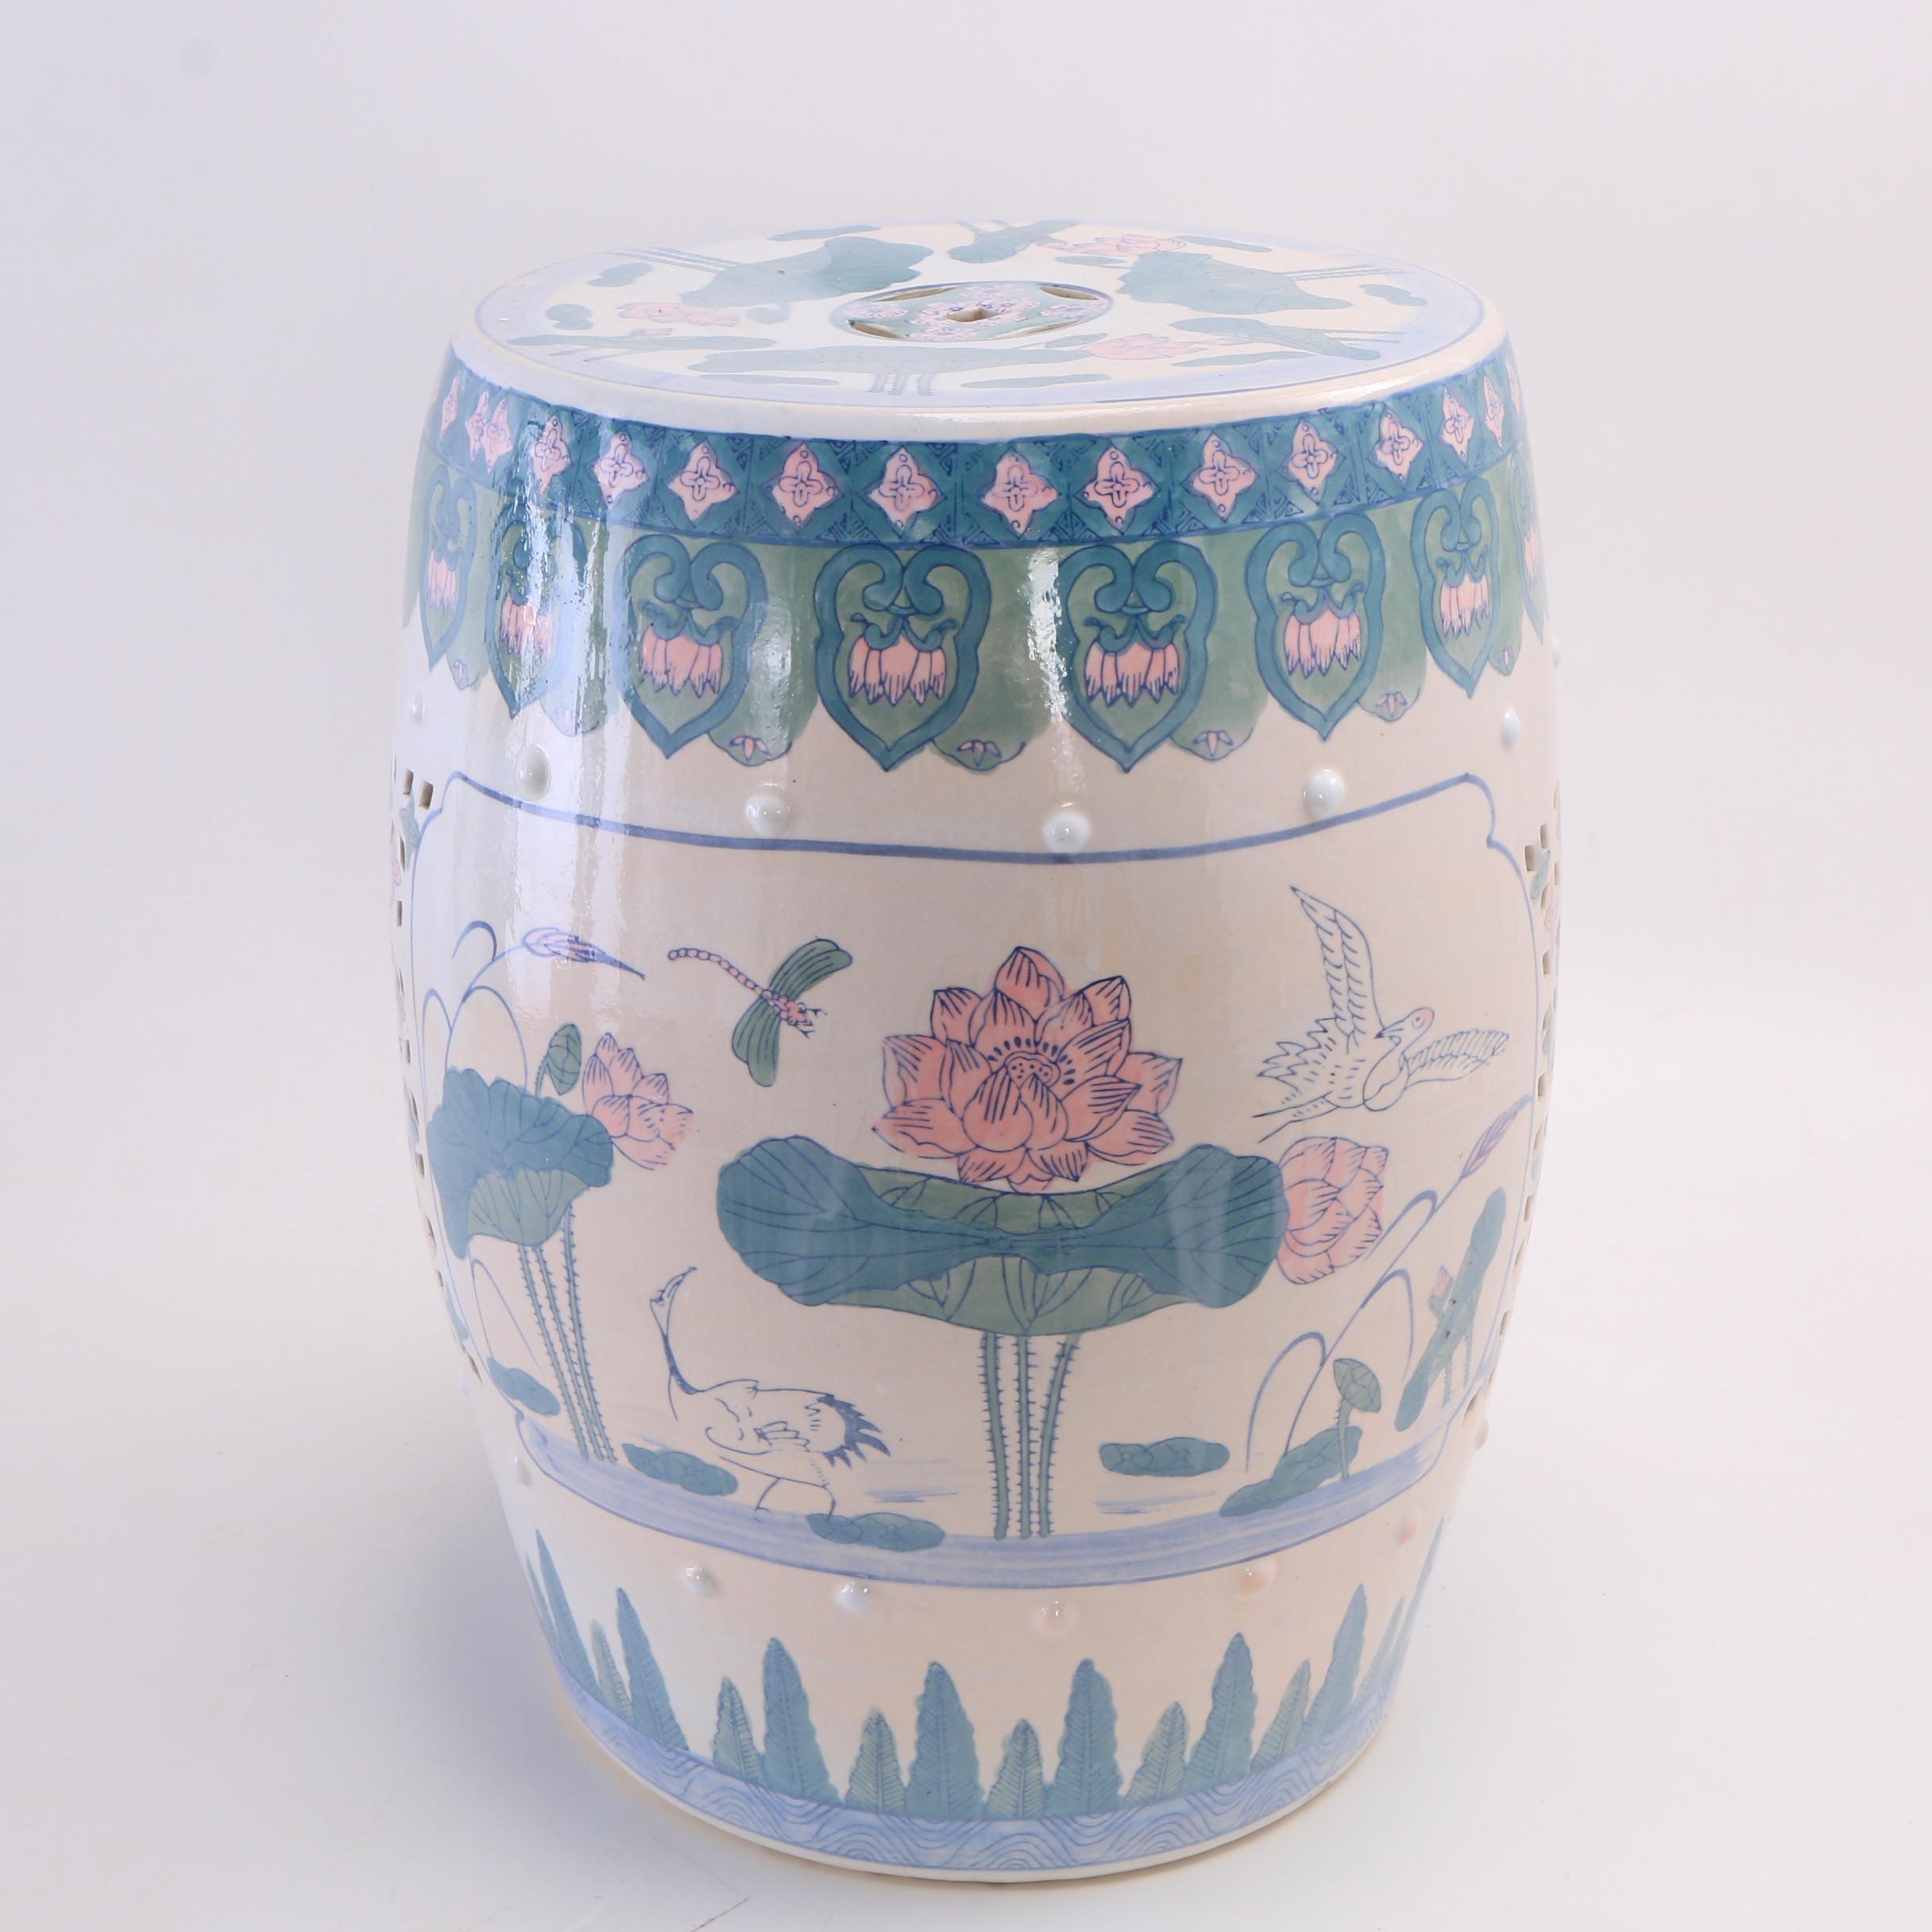 Chinese Ceramic Garden Stool, 20th Century